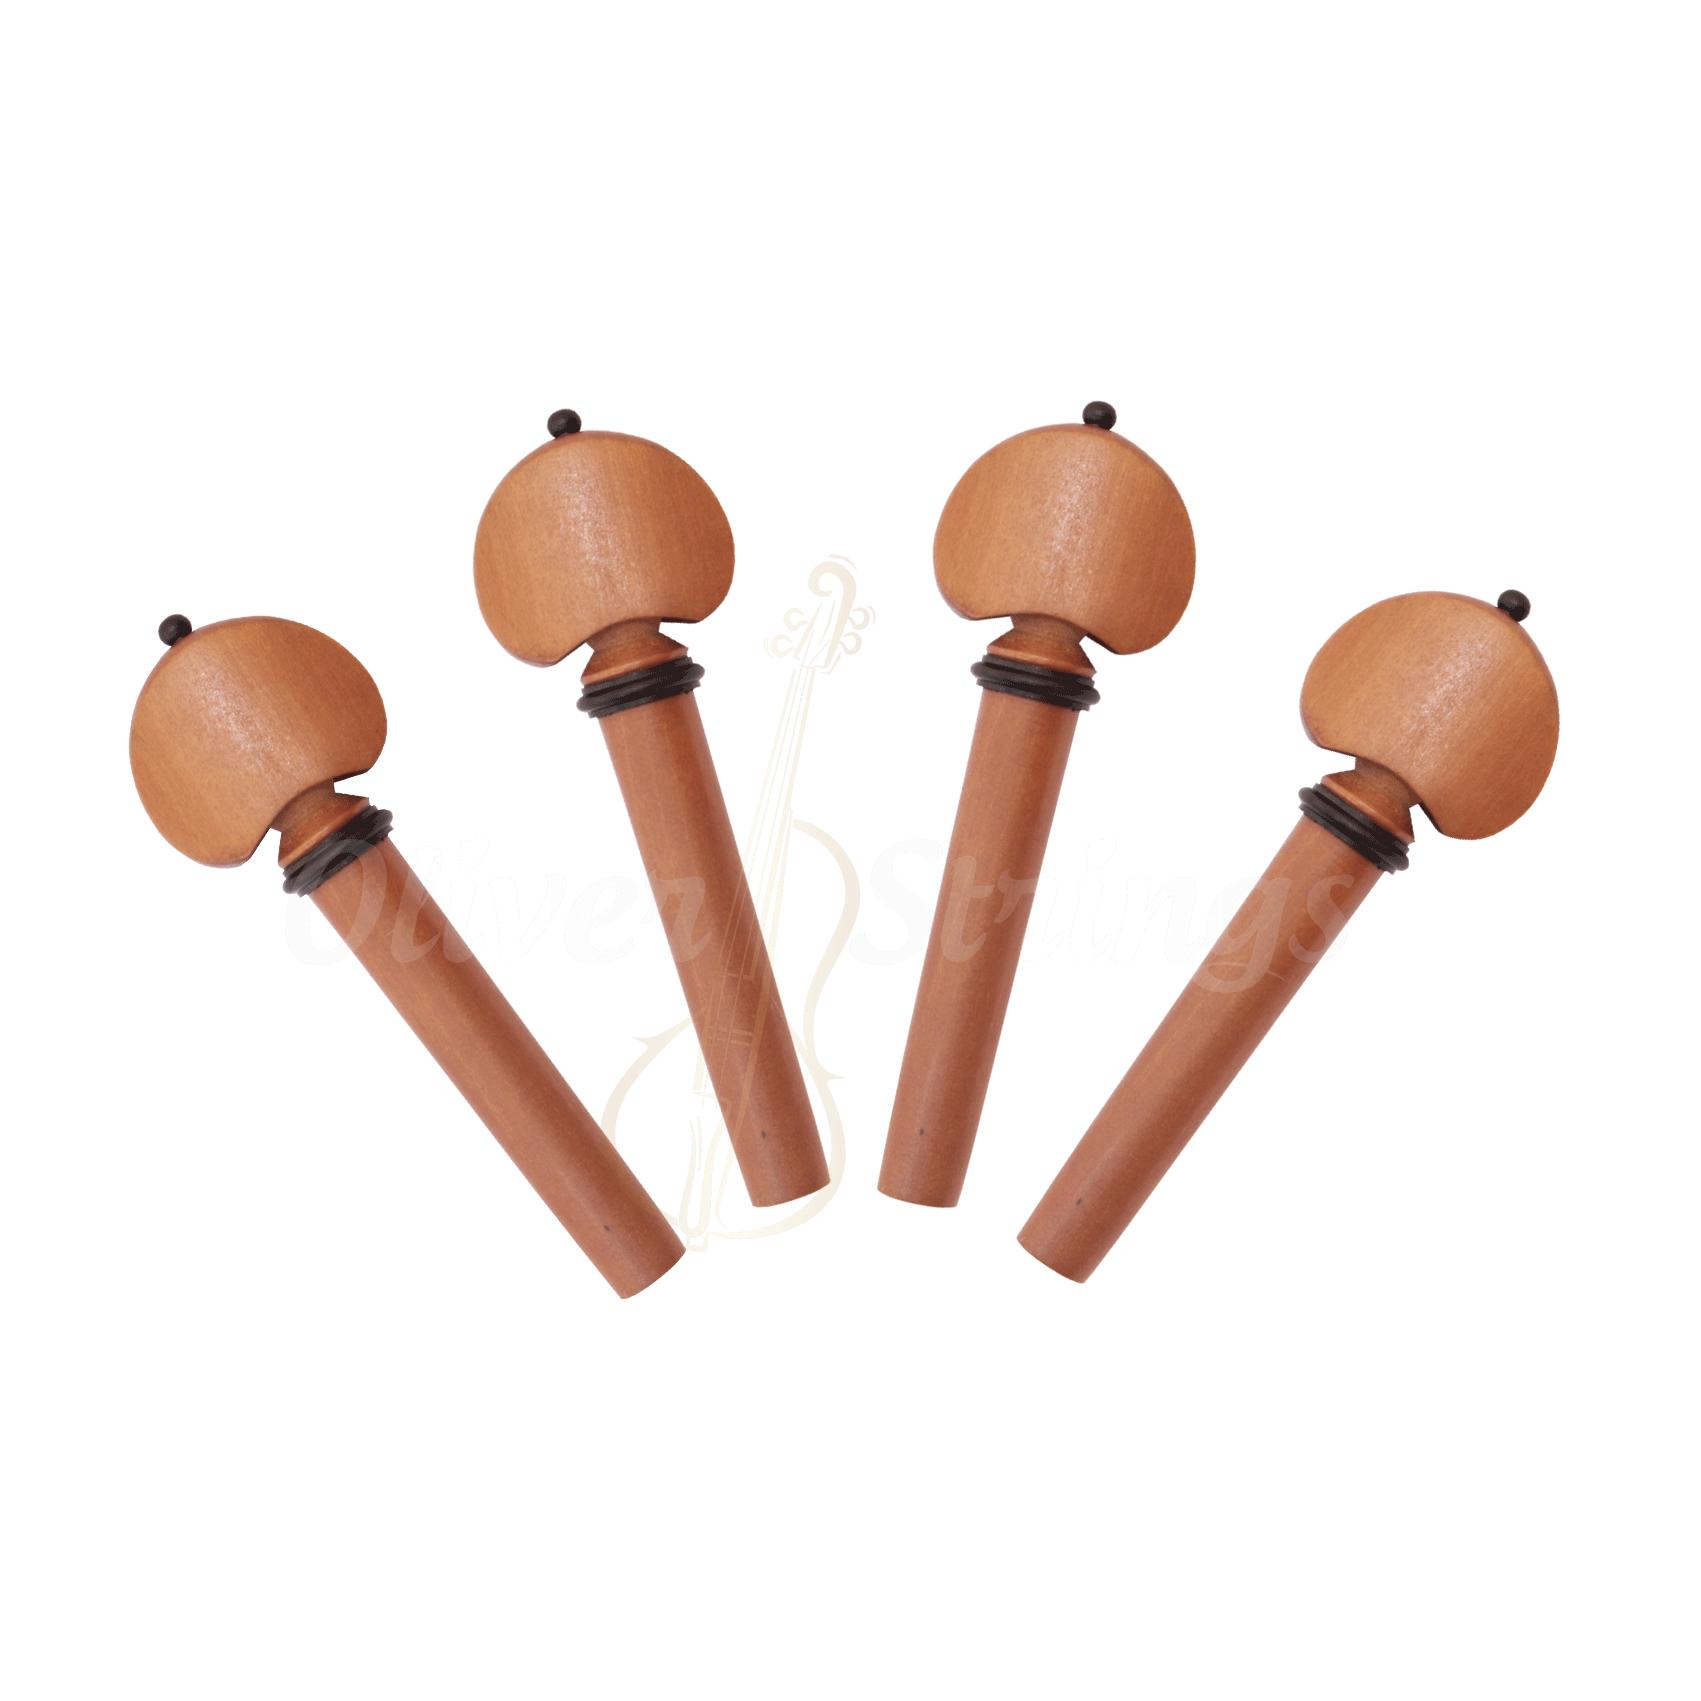 Kit de Cravelhas em Boxwood para violino modelo Hill